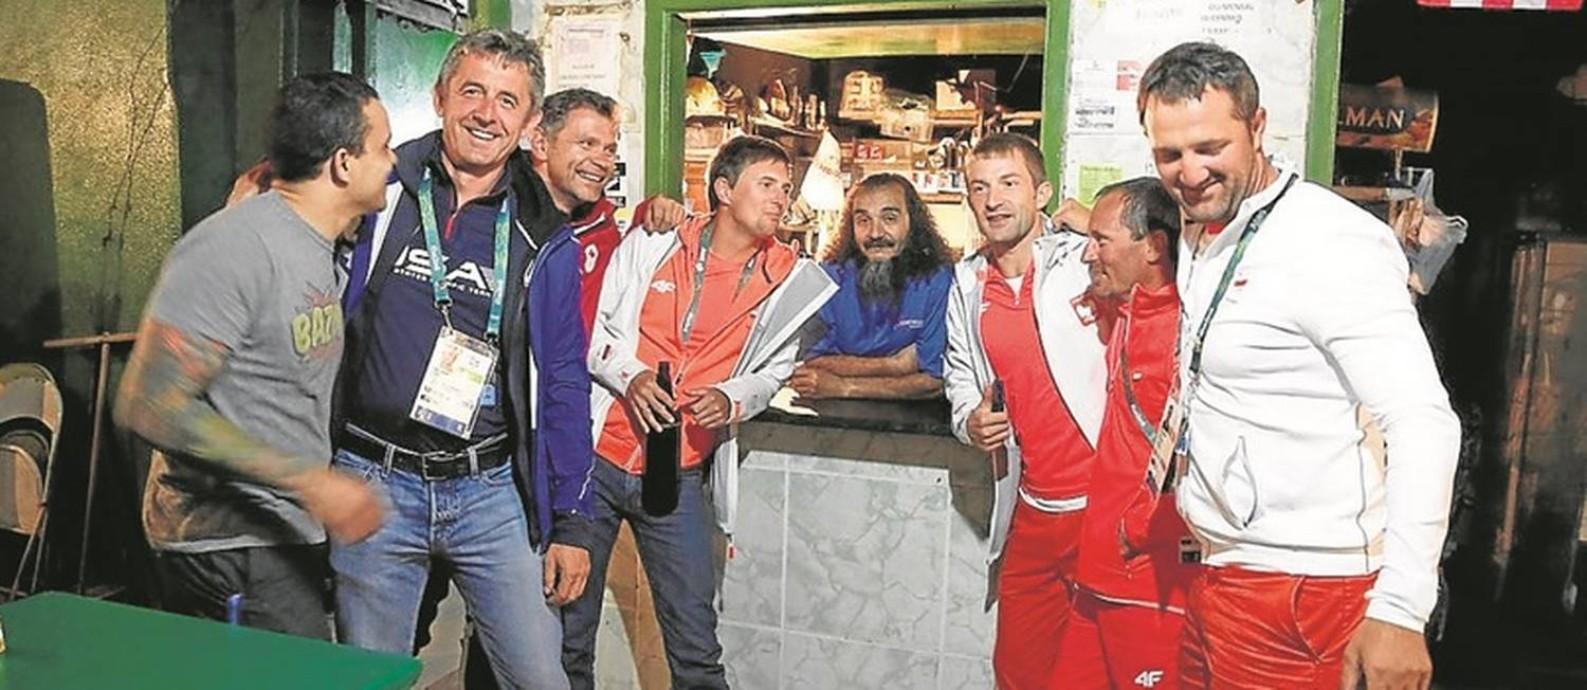 José Felipe de Araújo, o Bin Laden, junto a integrantes de delegações estrangeiras em seu bar Foto: Fabio Rossi / O Globo